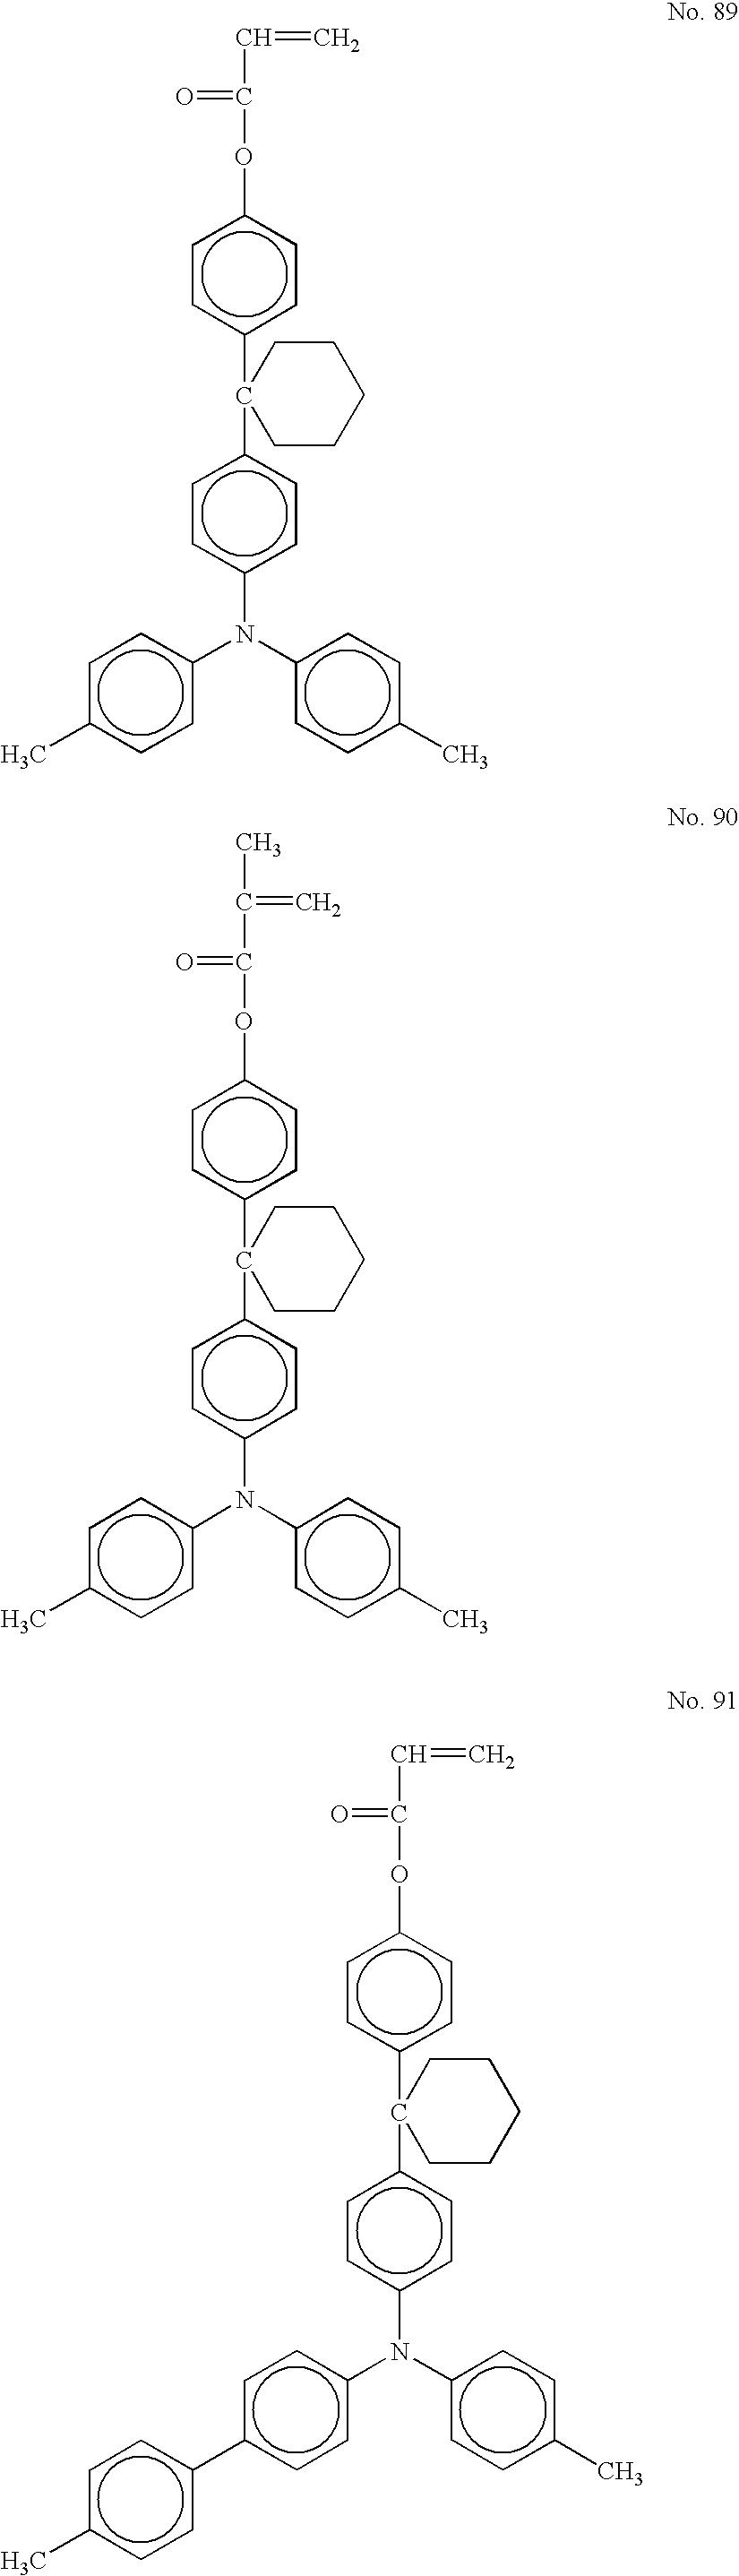 Figure US20050158641A1-20050721-C00043